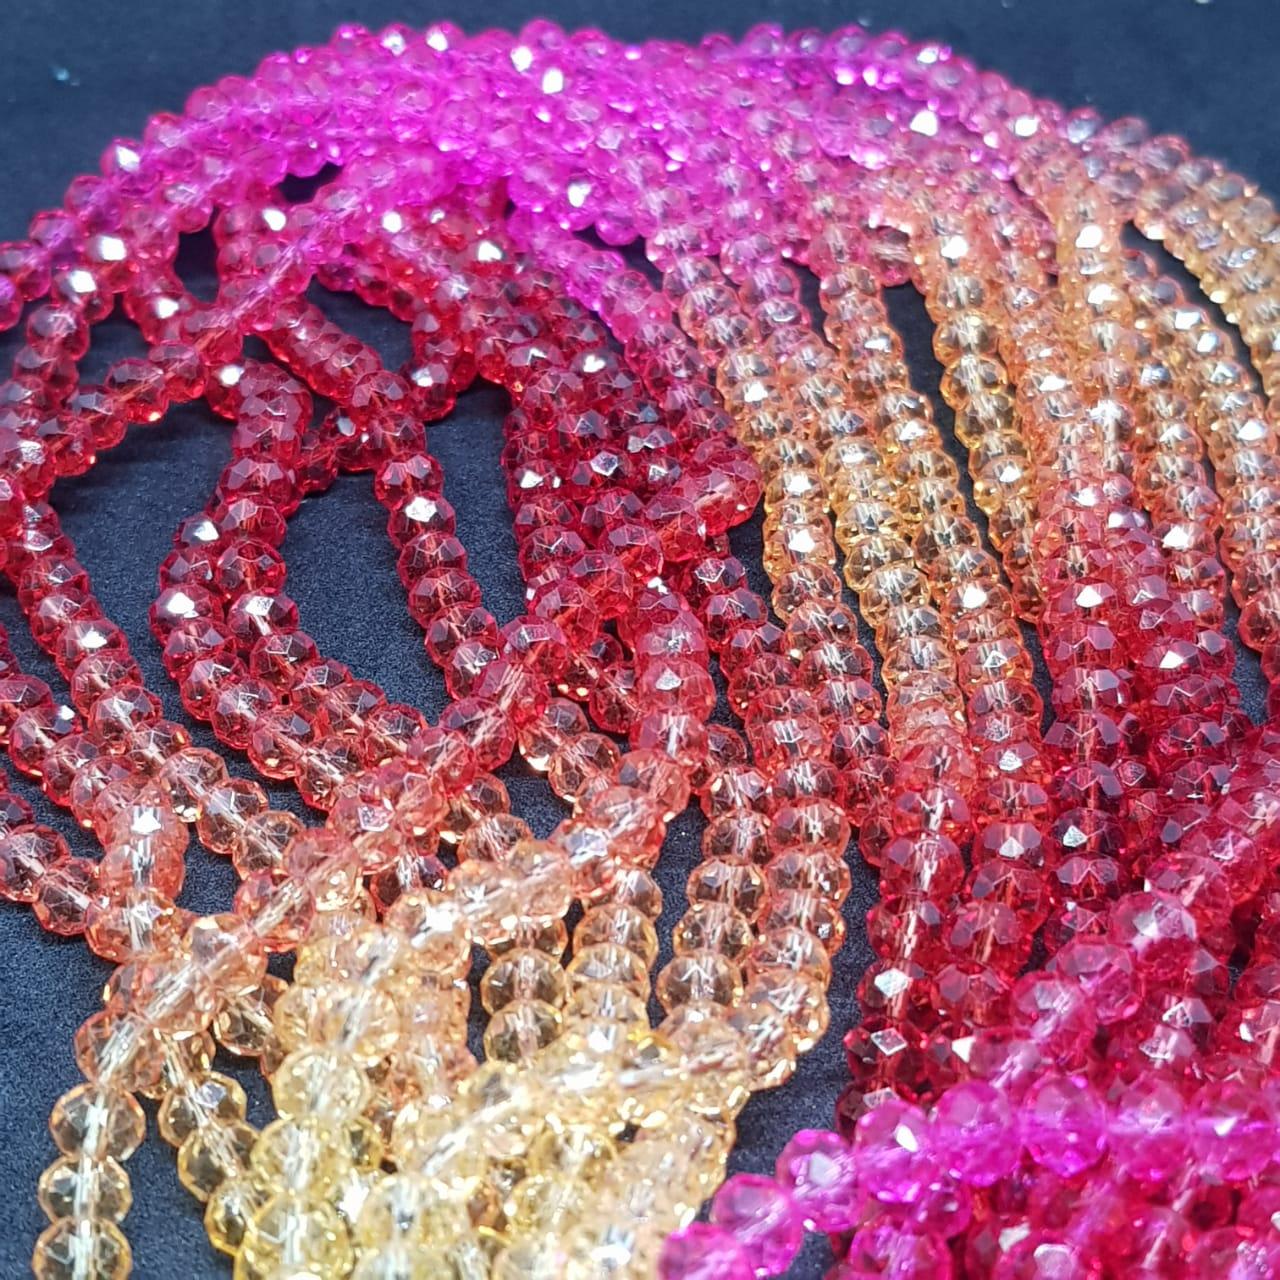 Fio de cristal chinês multicolor (vermelho,rosa,dourado)  6mm lustroso 5537